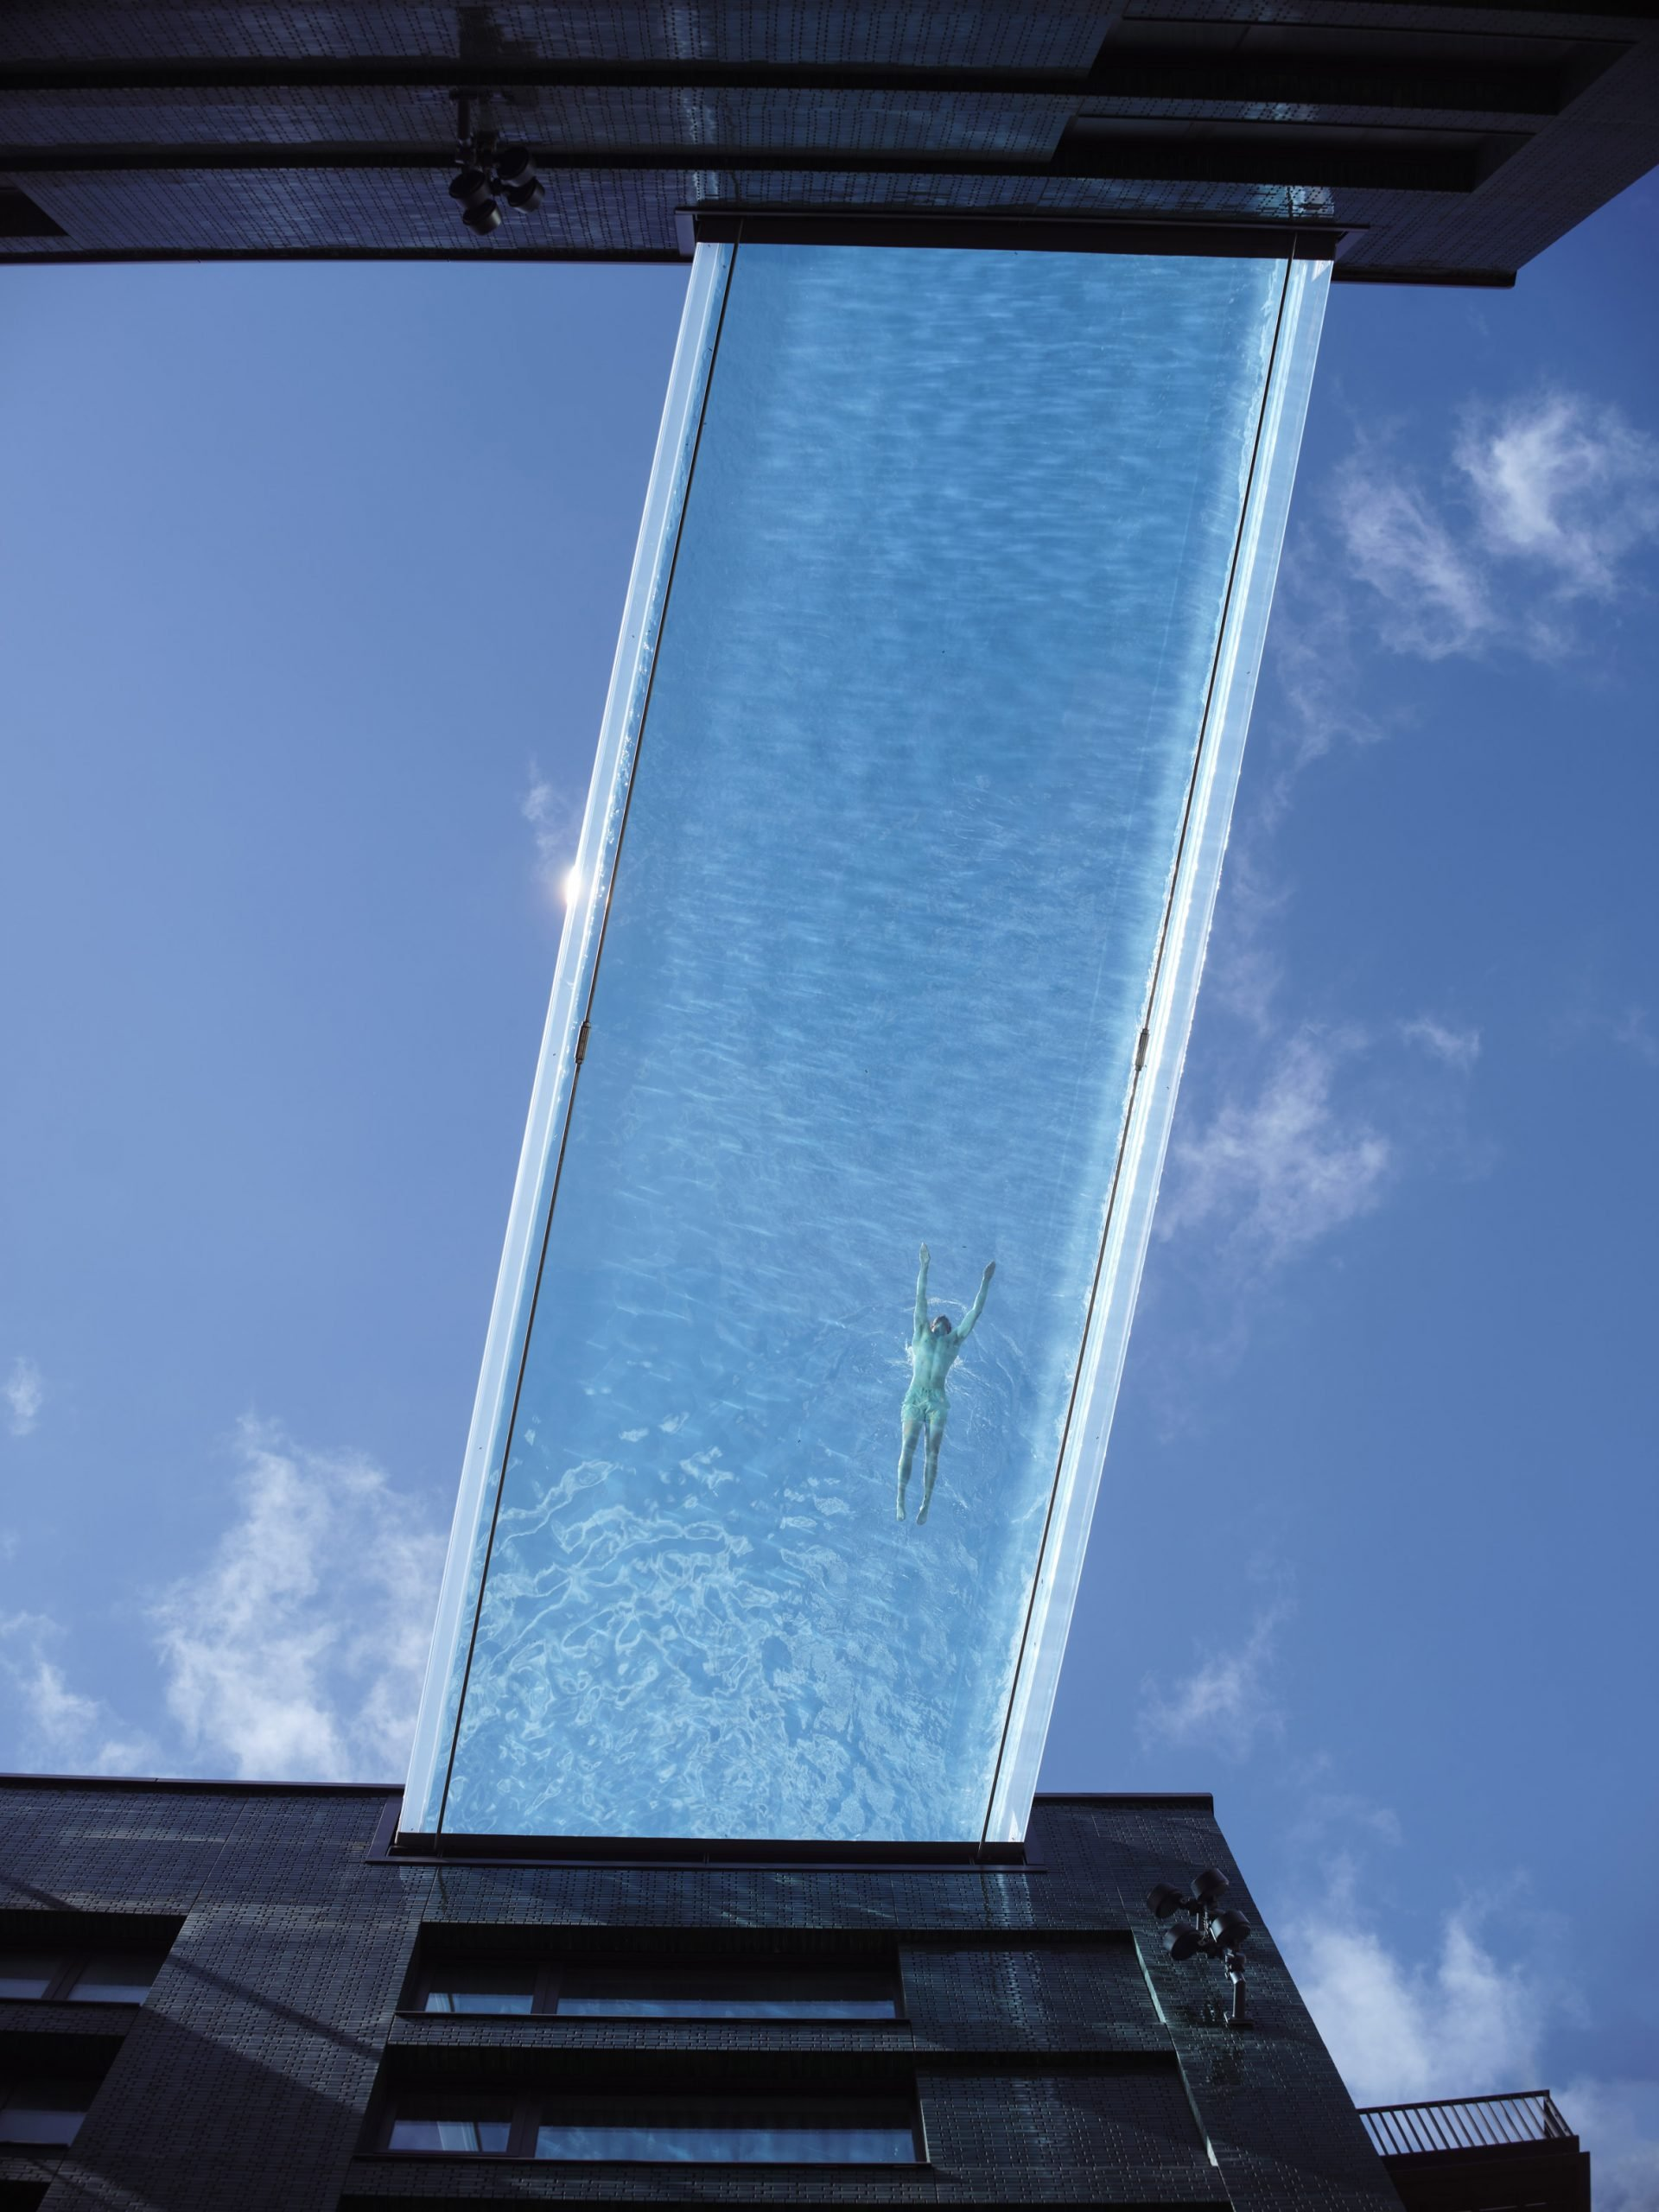 Η πρώτη διάφανη πισίνα, photo credits: Simon Kennedy